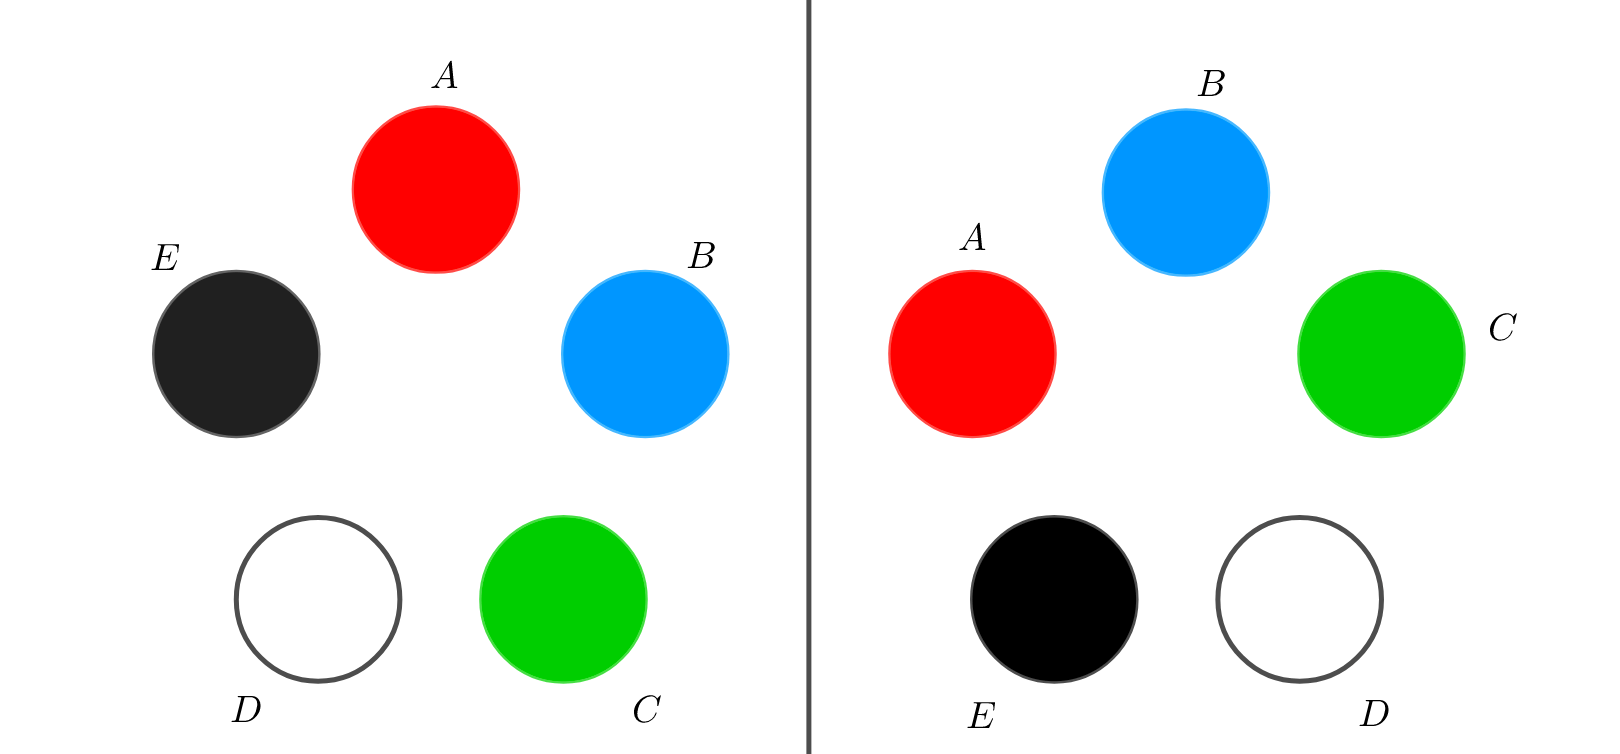 2つの円順列を見比べる